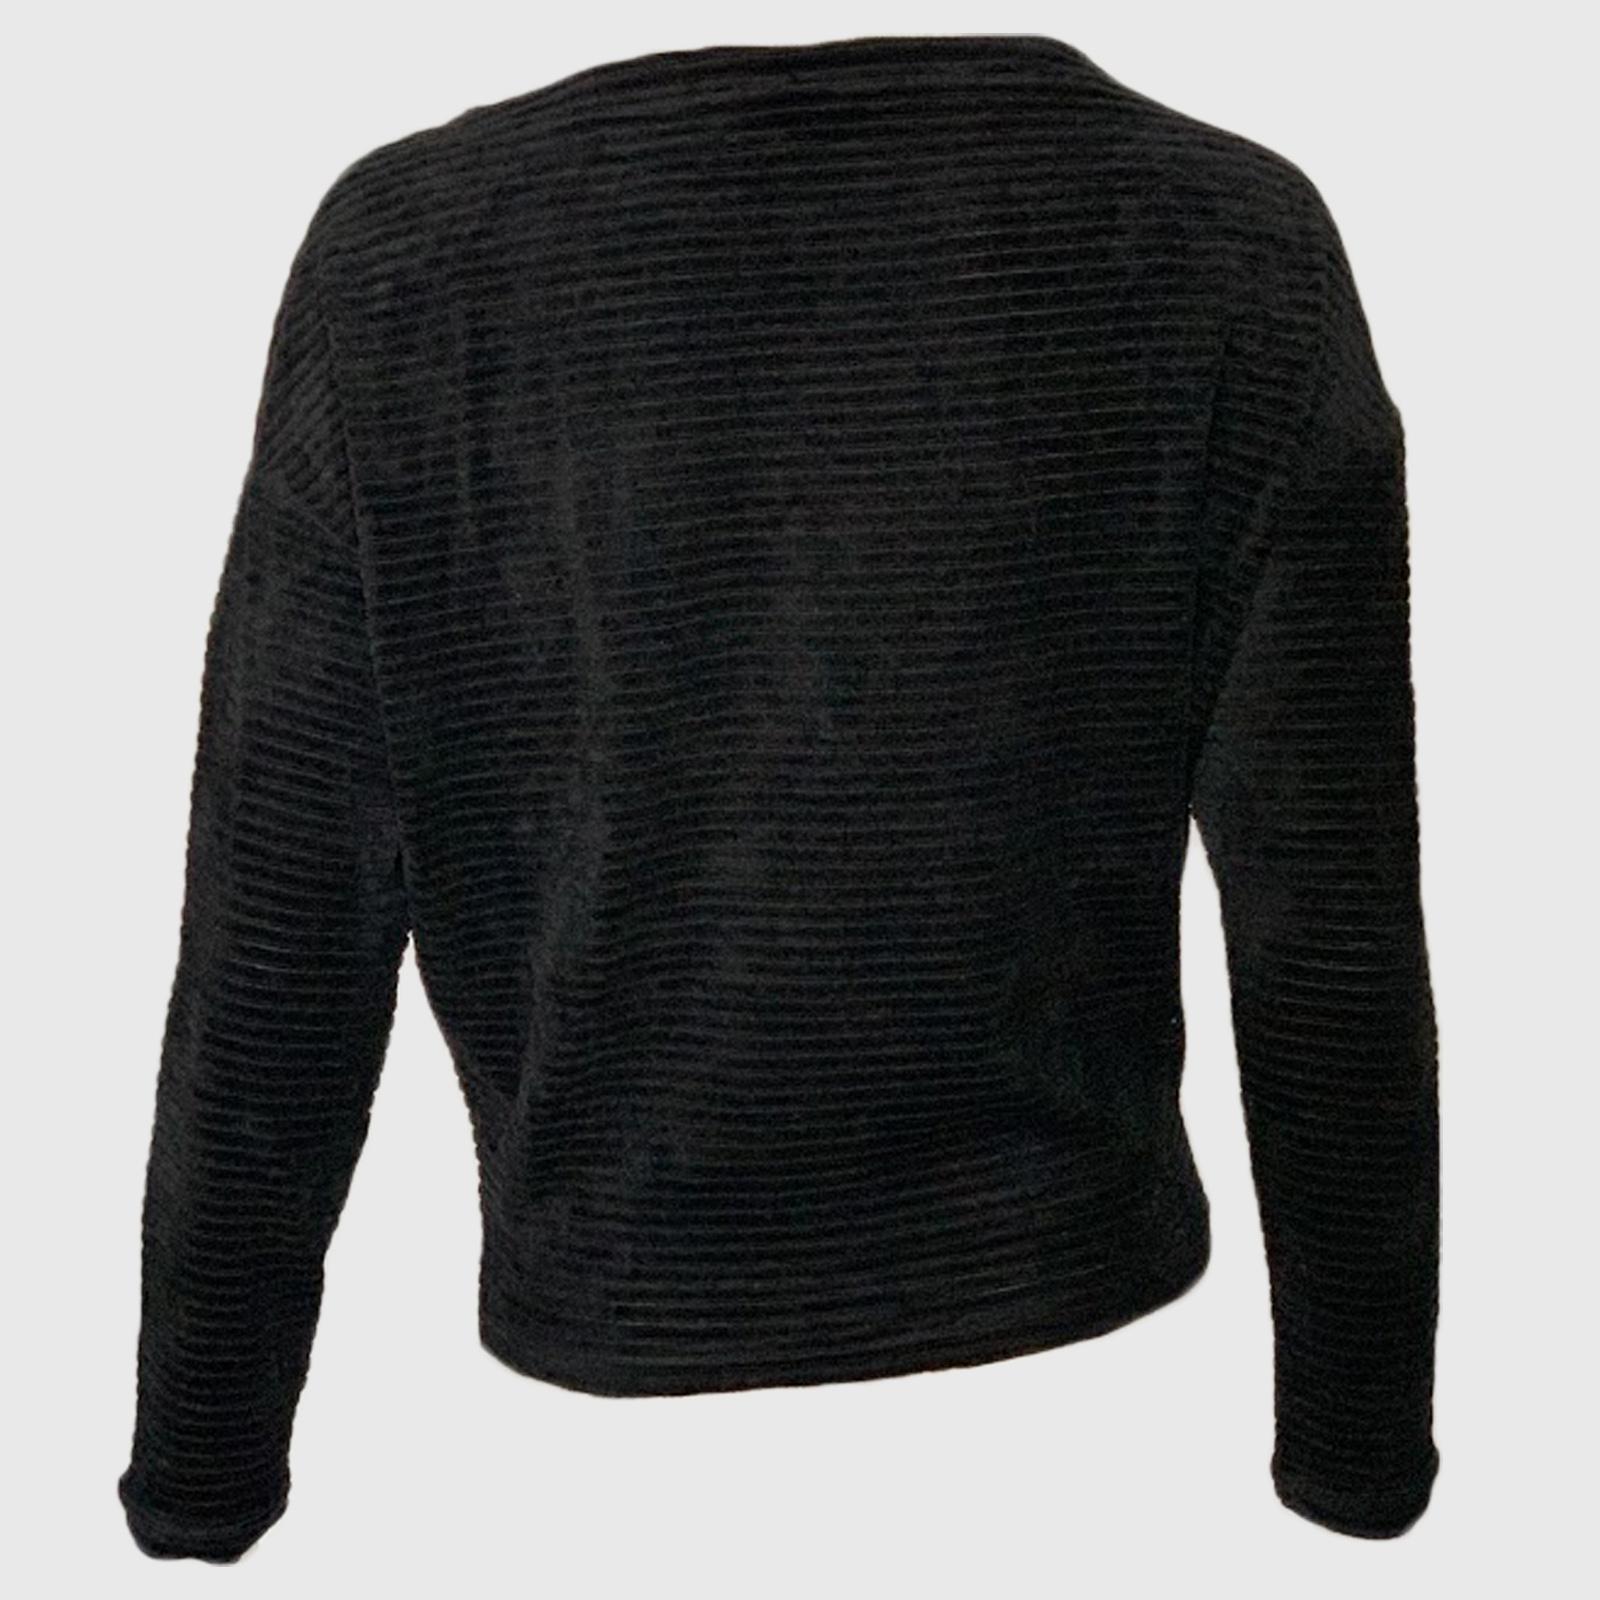 Брендовые женские кофточки черного цвета